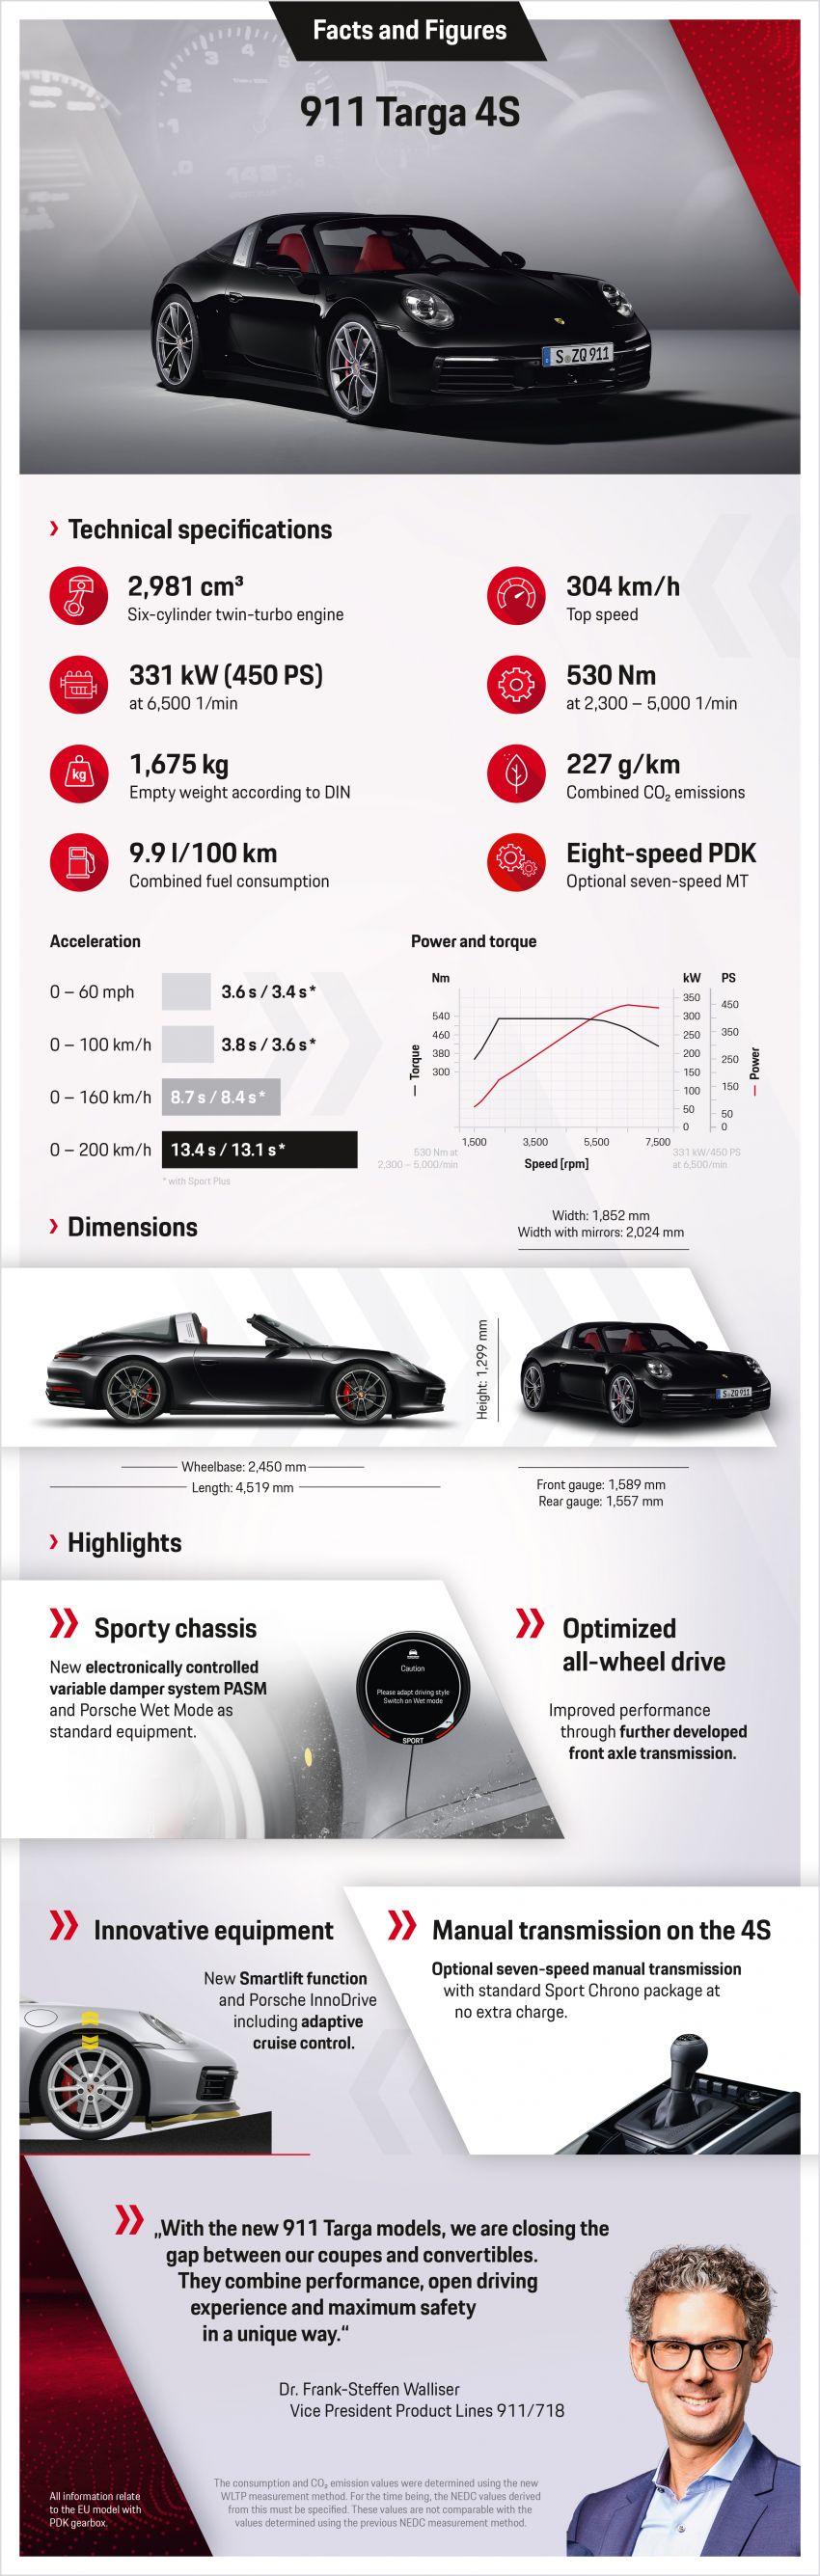 992 Porsche 911 Targa: new droptop sports car shown Image #1119029